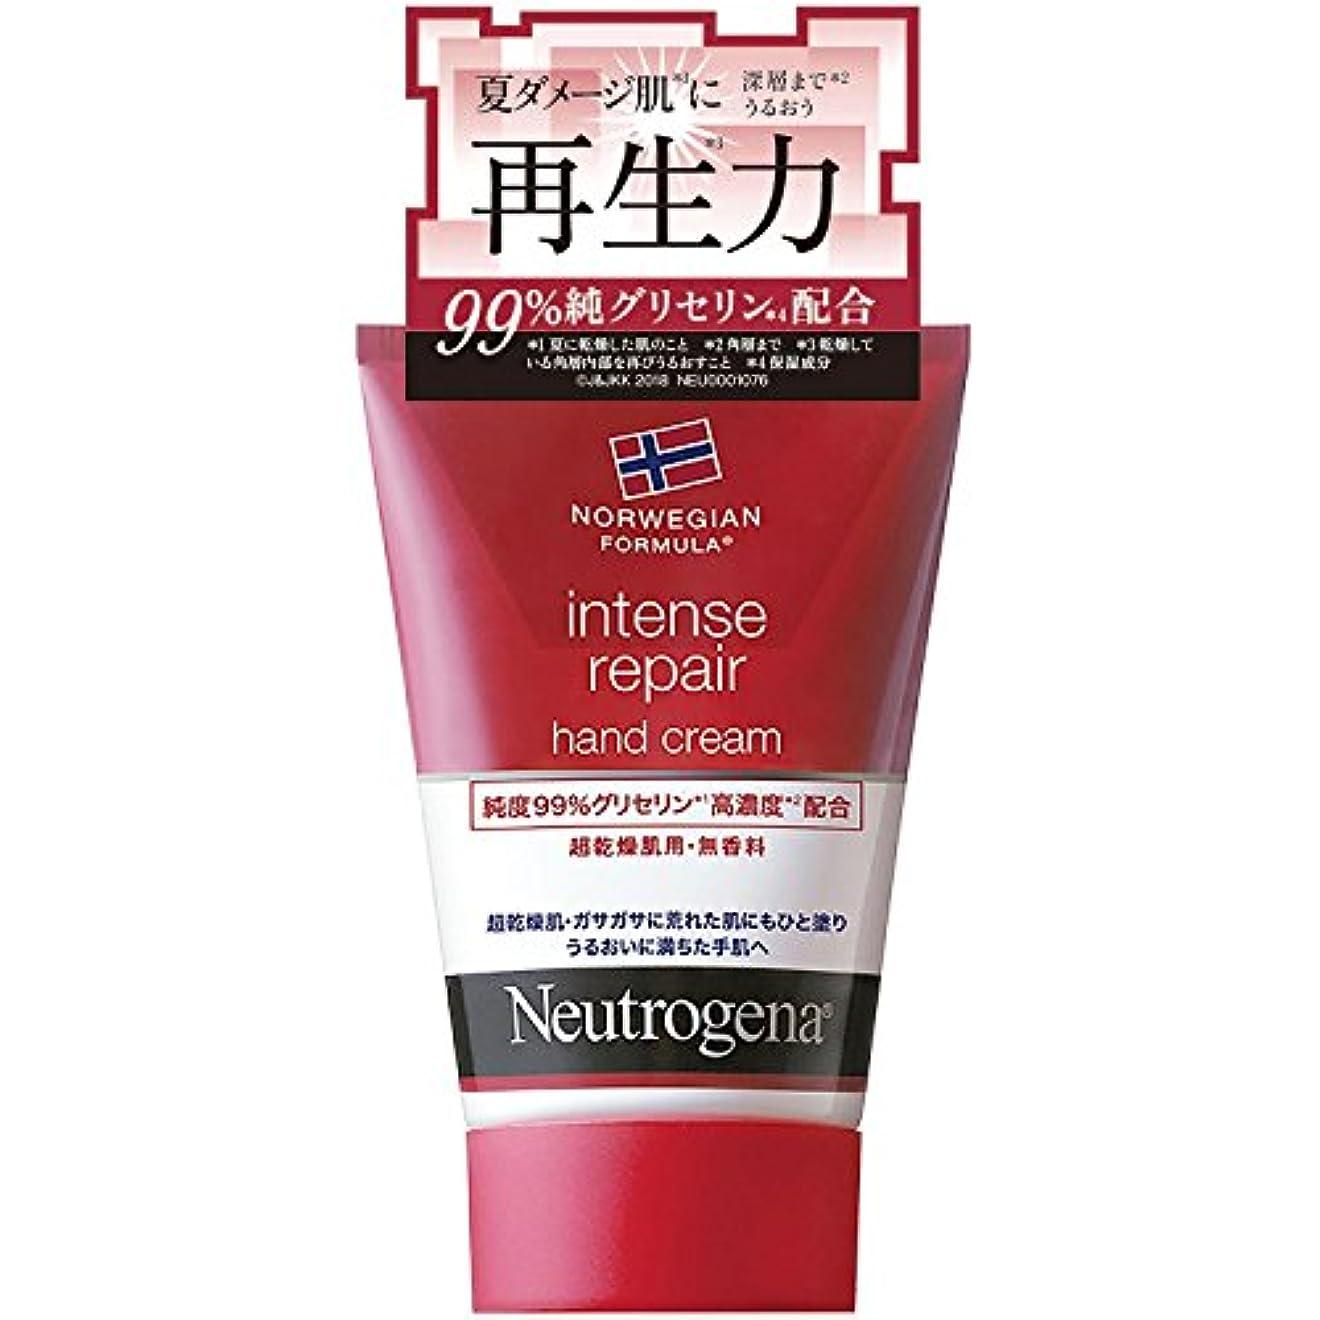 受け入れシャトル重要Neutrogena(ニュートロジーナ) ノルウェーフォーミュラ インテンスリペア ハンドクリーム 超乾燥肌用 無香料 単品 50g